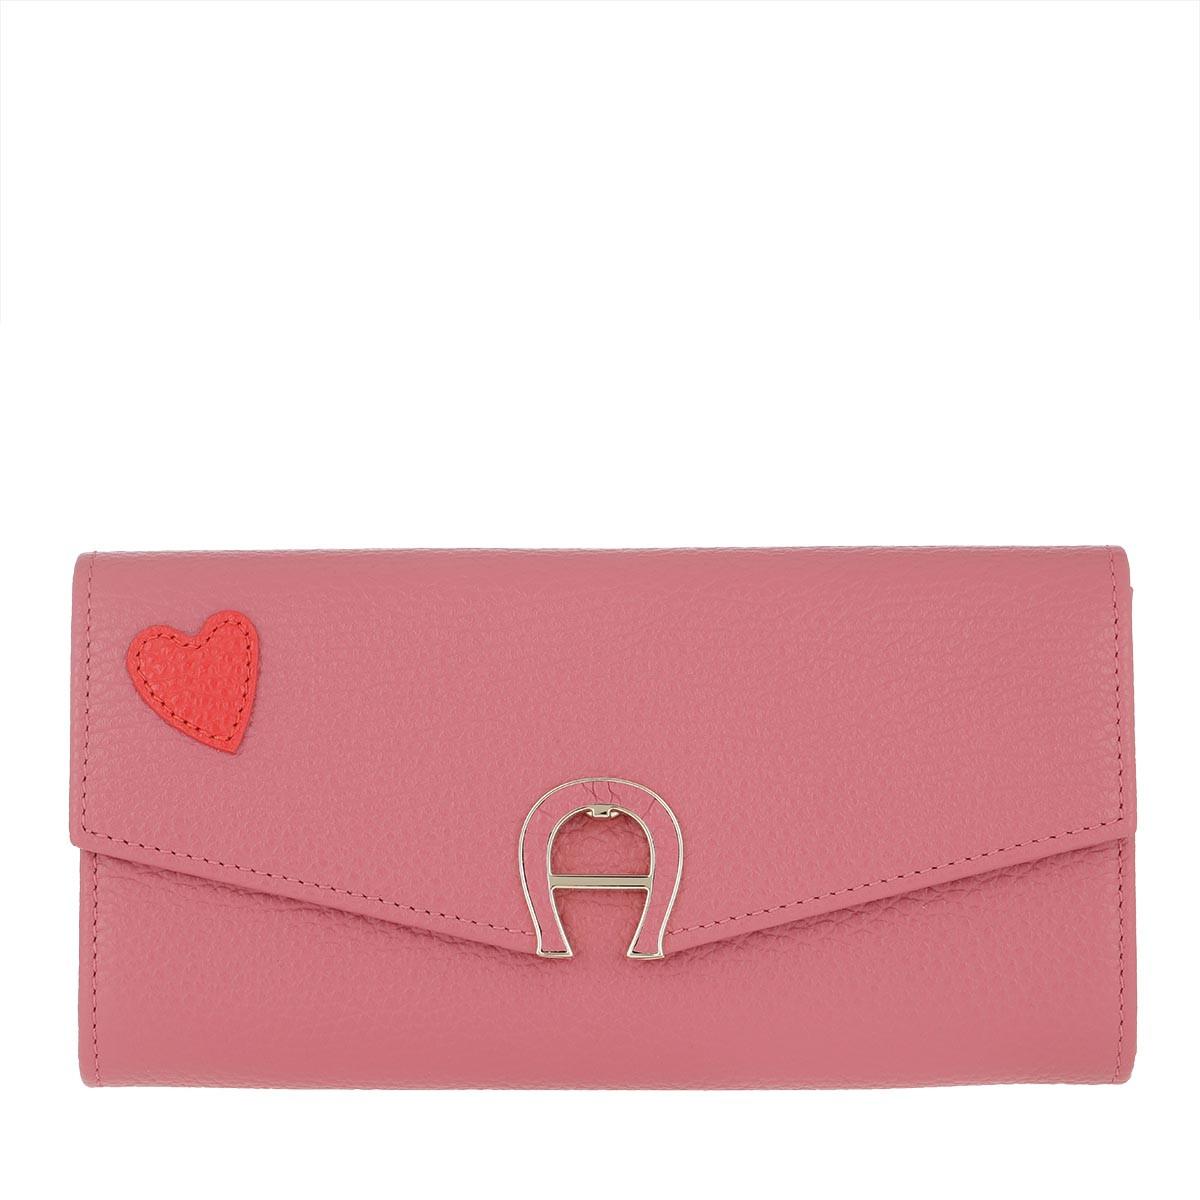 Aigner Portemonnaie - Heart Logo Purse Dusty Rose - in pink - für Damen